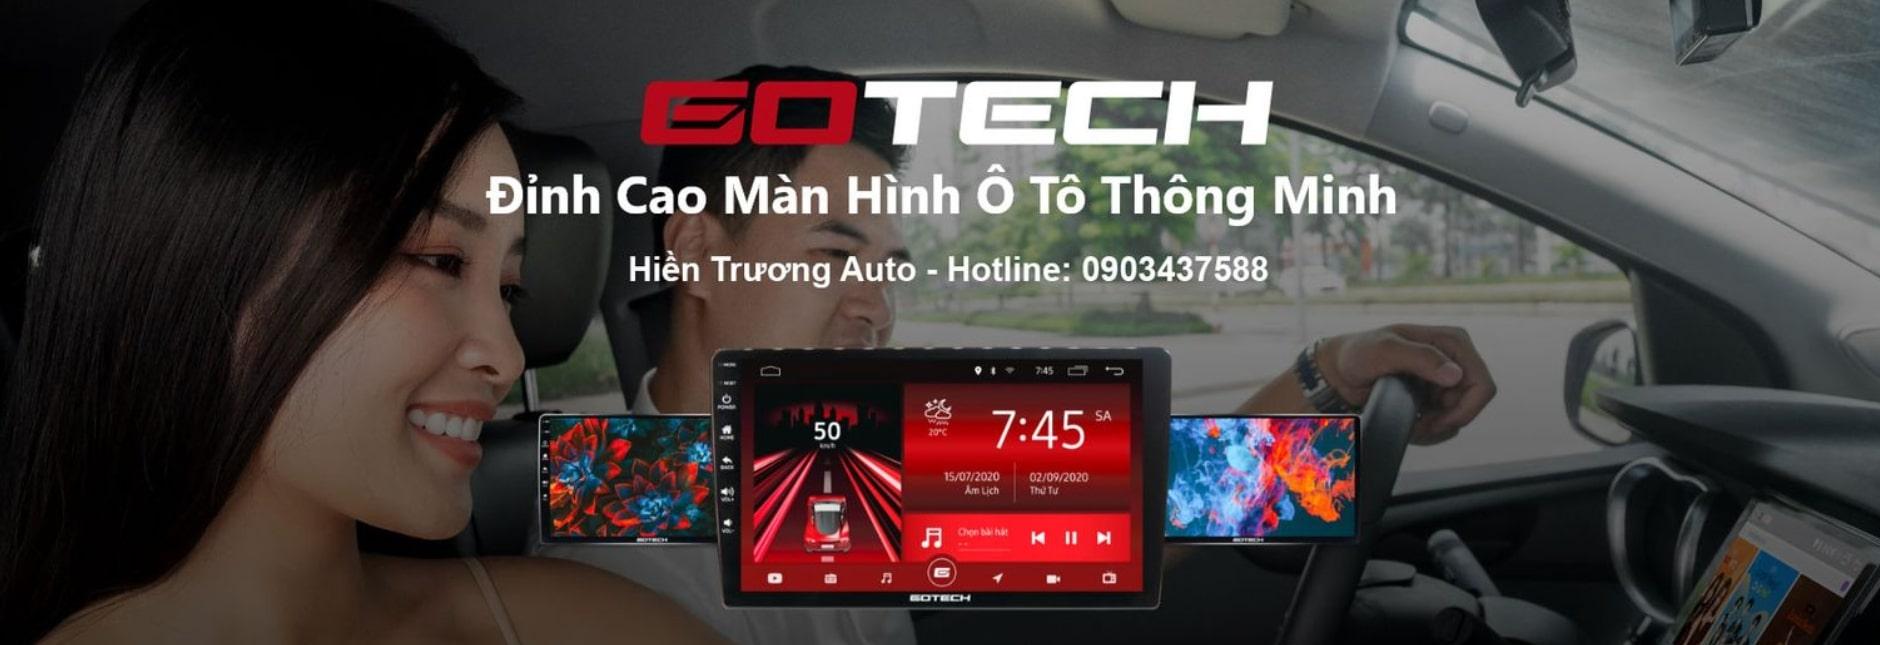 man-hinh-android-gotech-chinh-hang